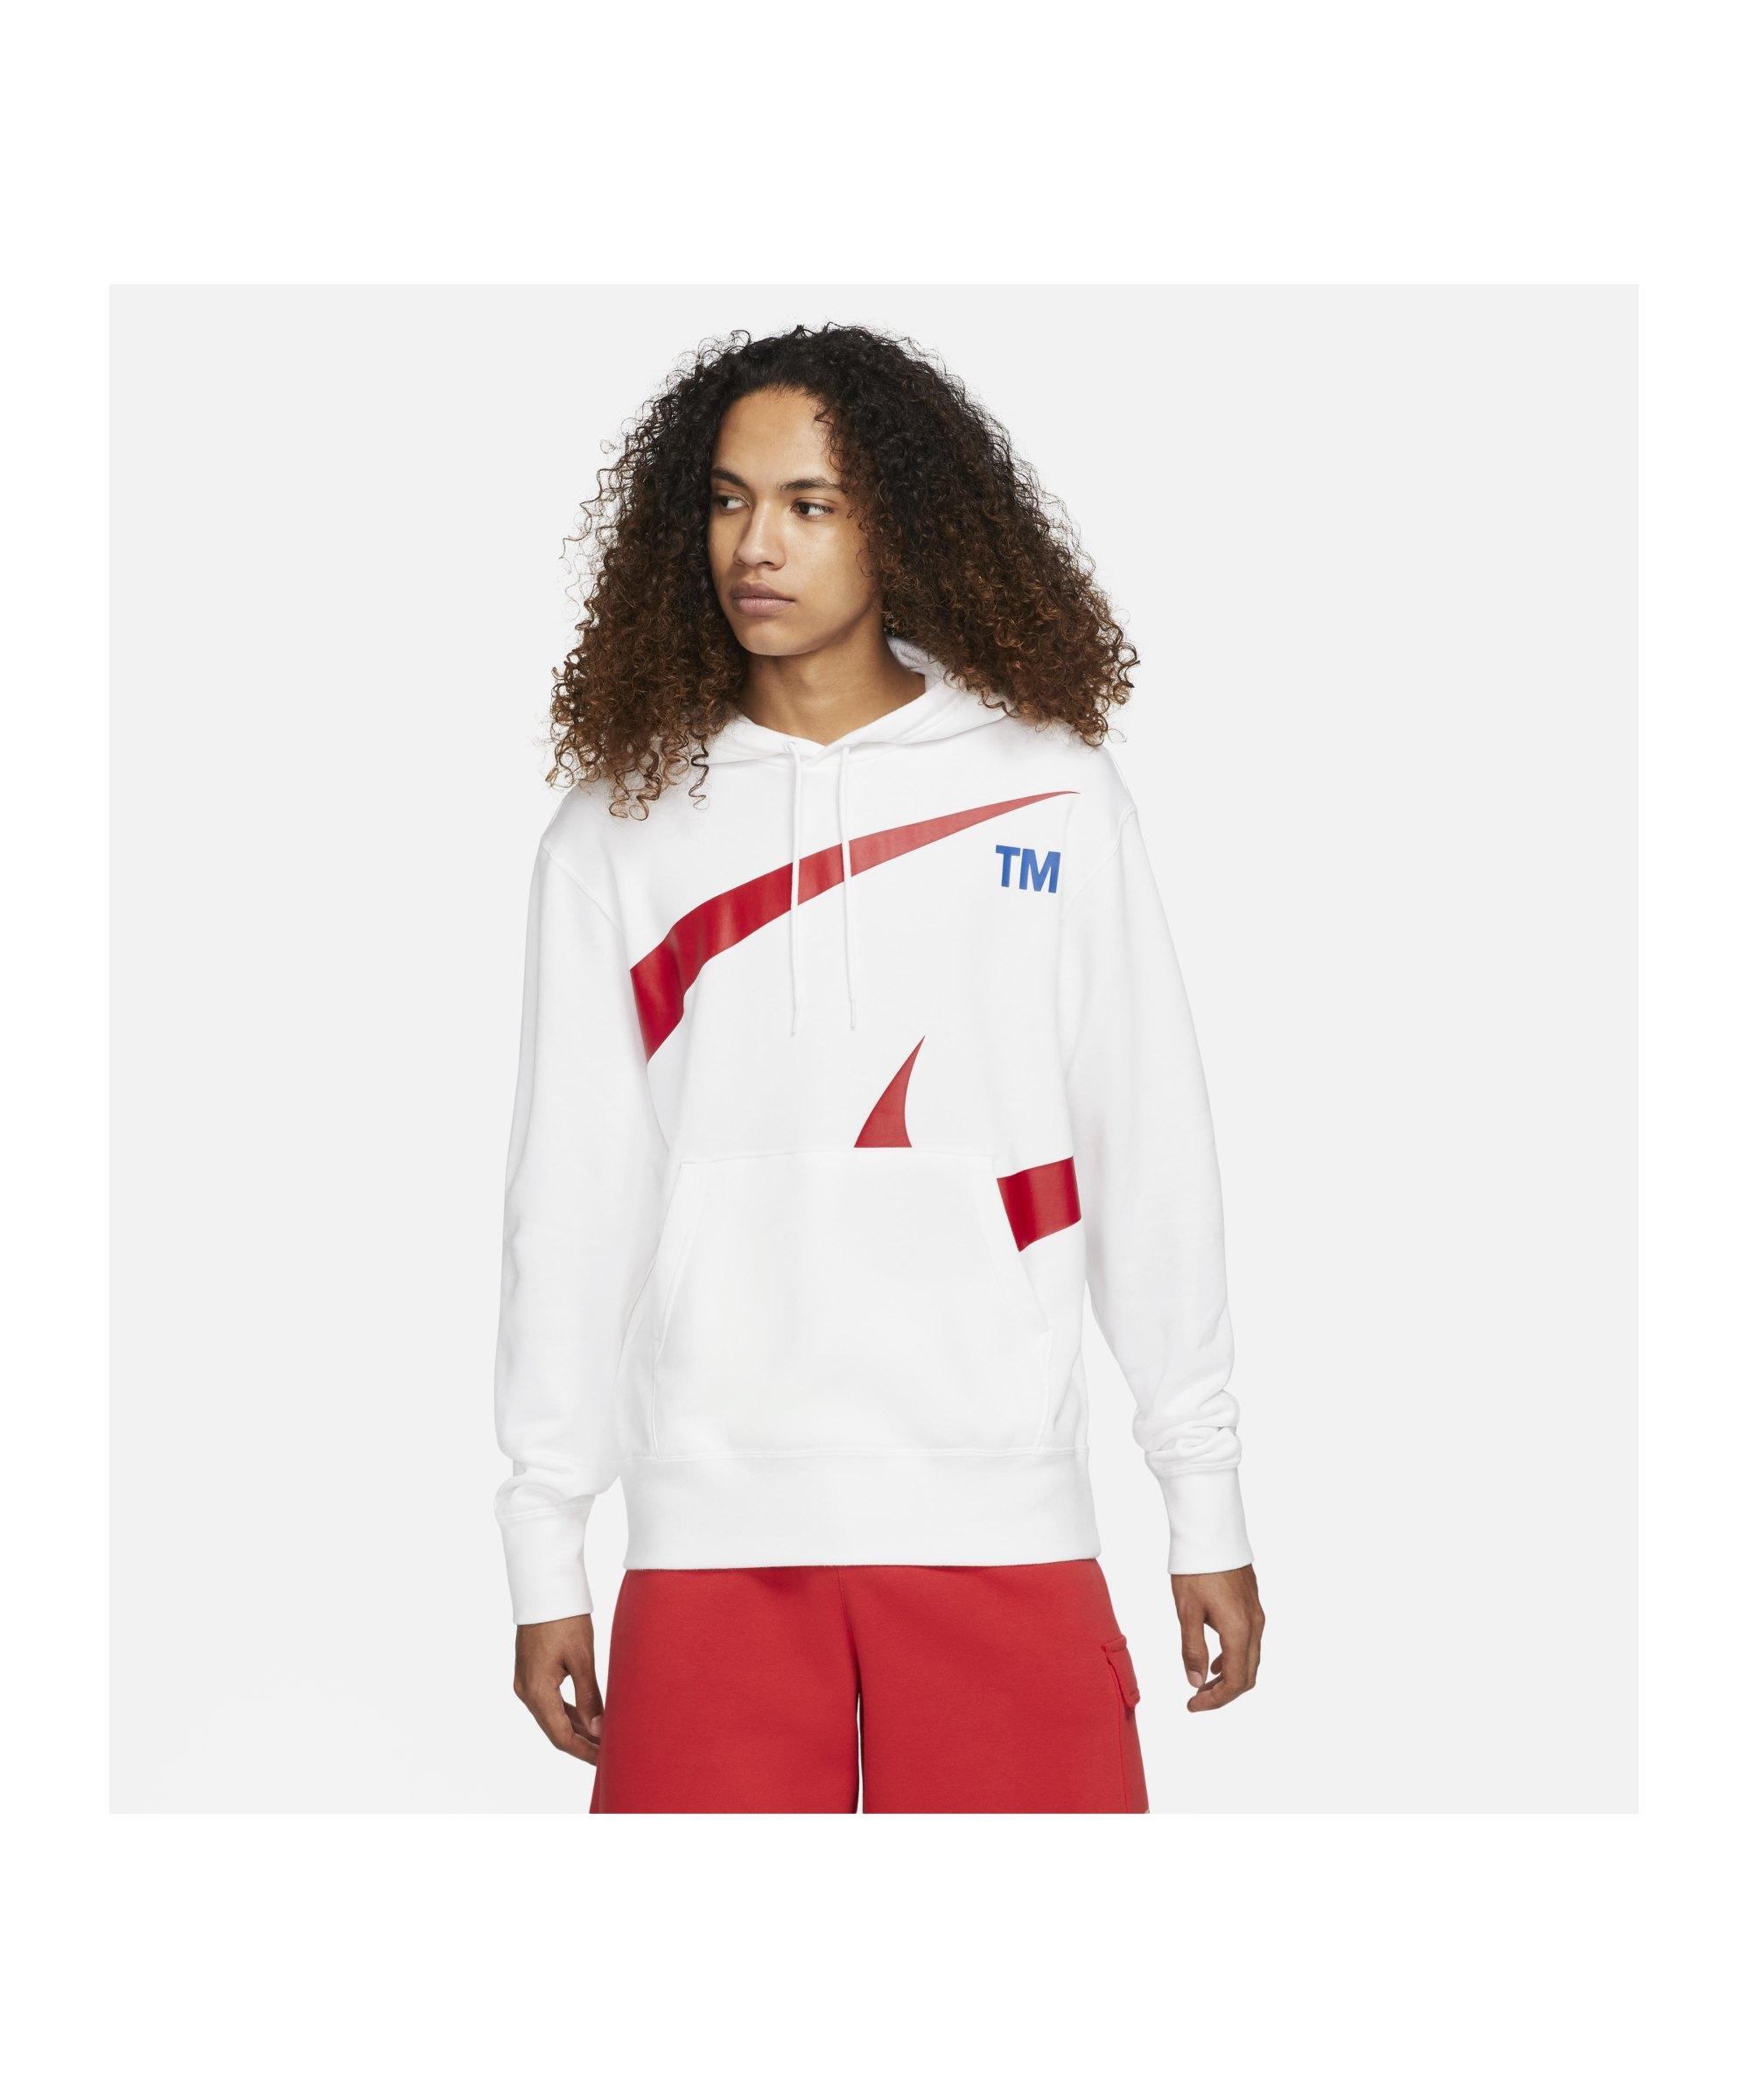 Nike Sport Swoosh Hoody Weiss Rot F100 - weiss